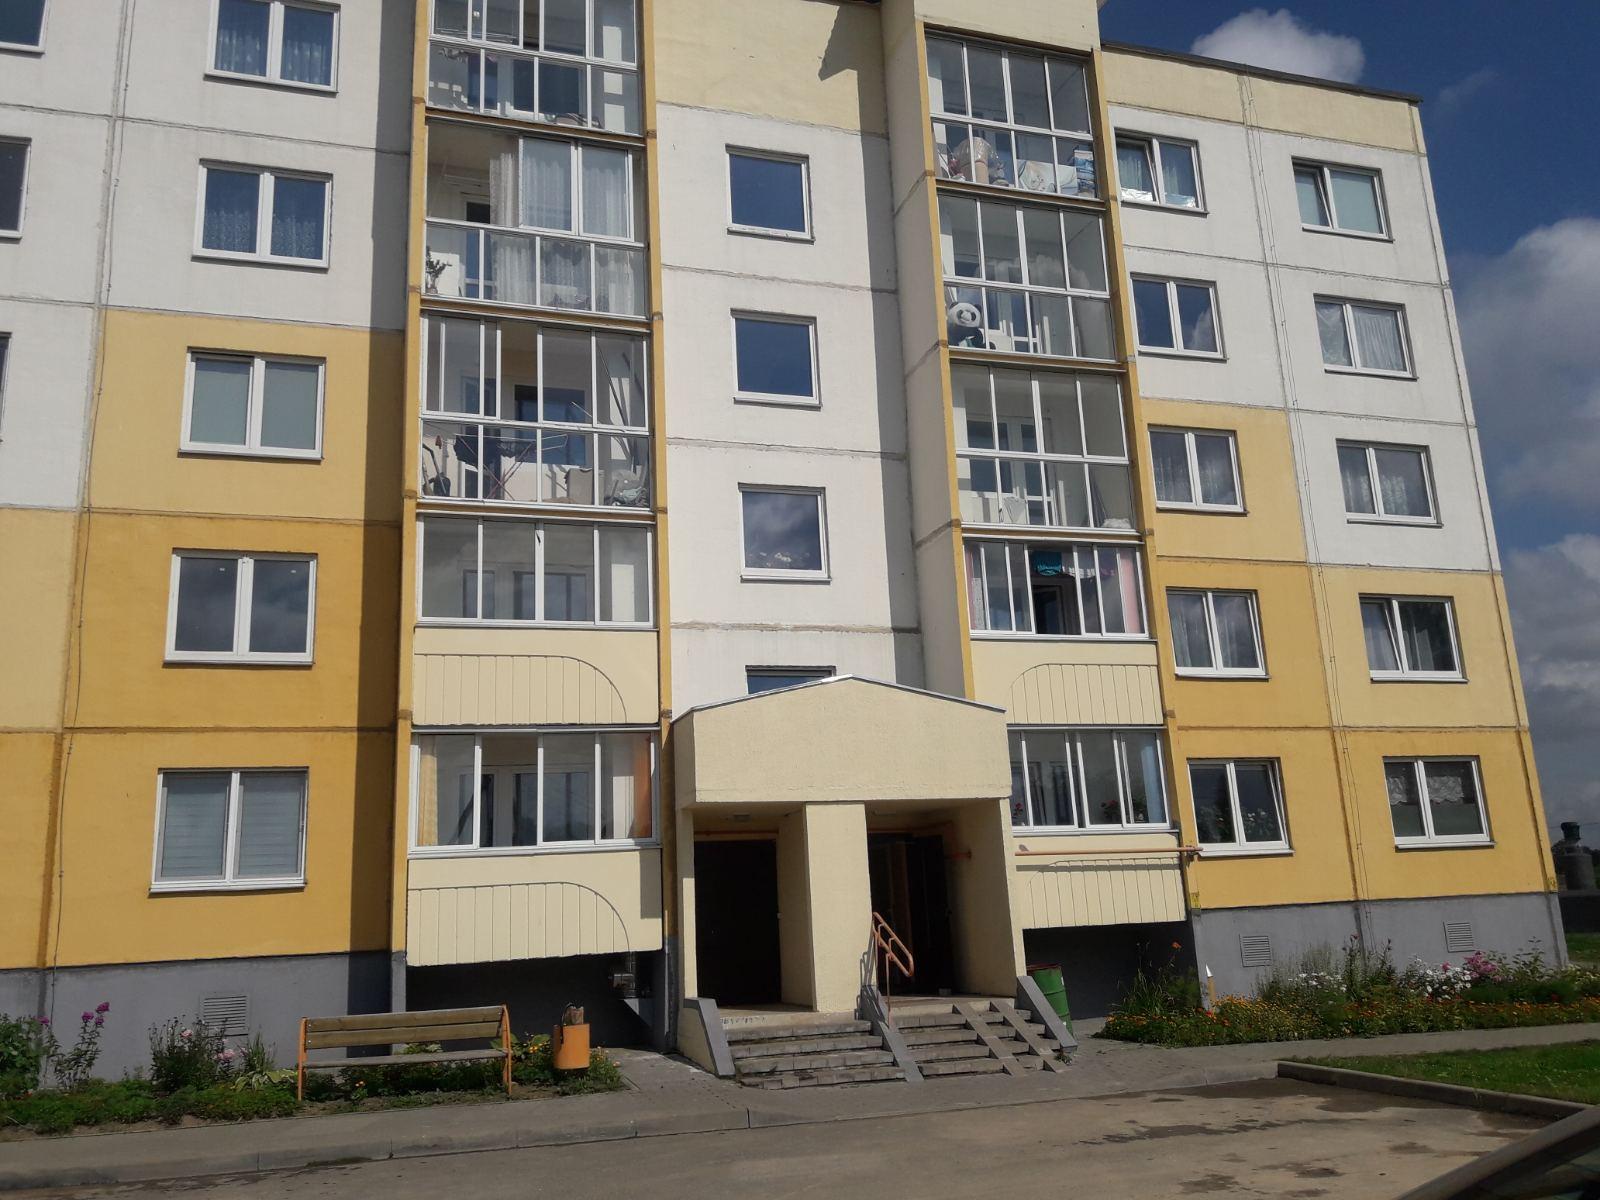 Продается однокомнатная квартира в новостройке в г. Дзержинске.